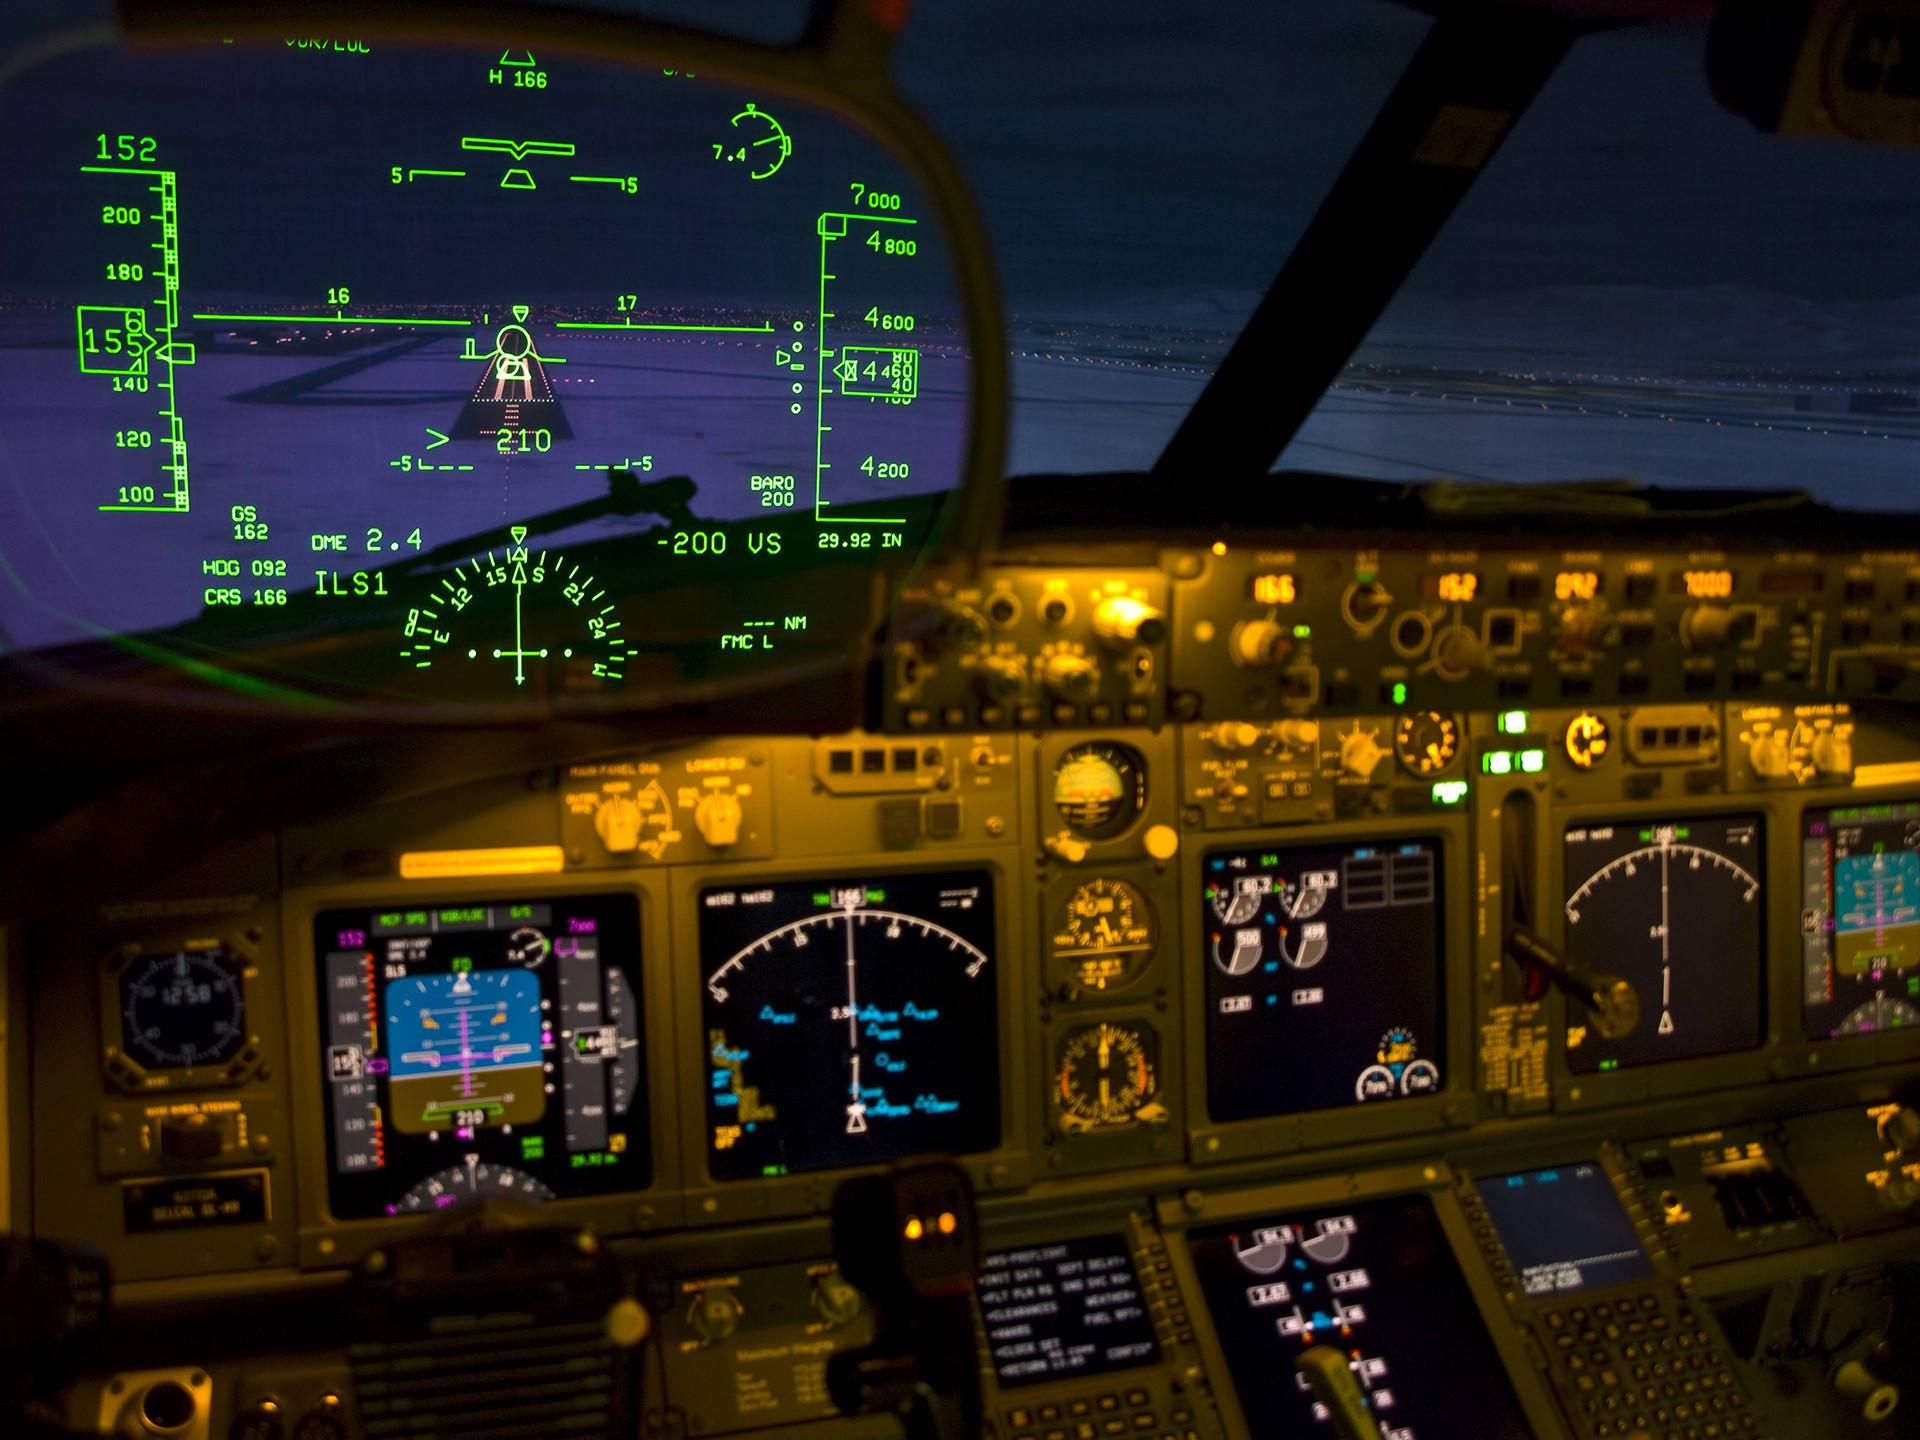 1920x1440 Aircraft Cockpit Cabin Inside Wallpaper 122959